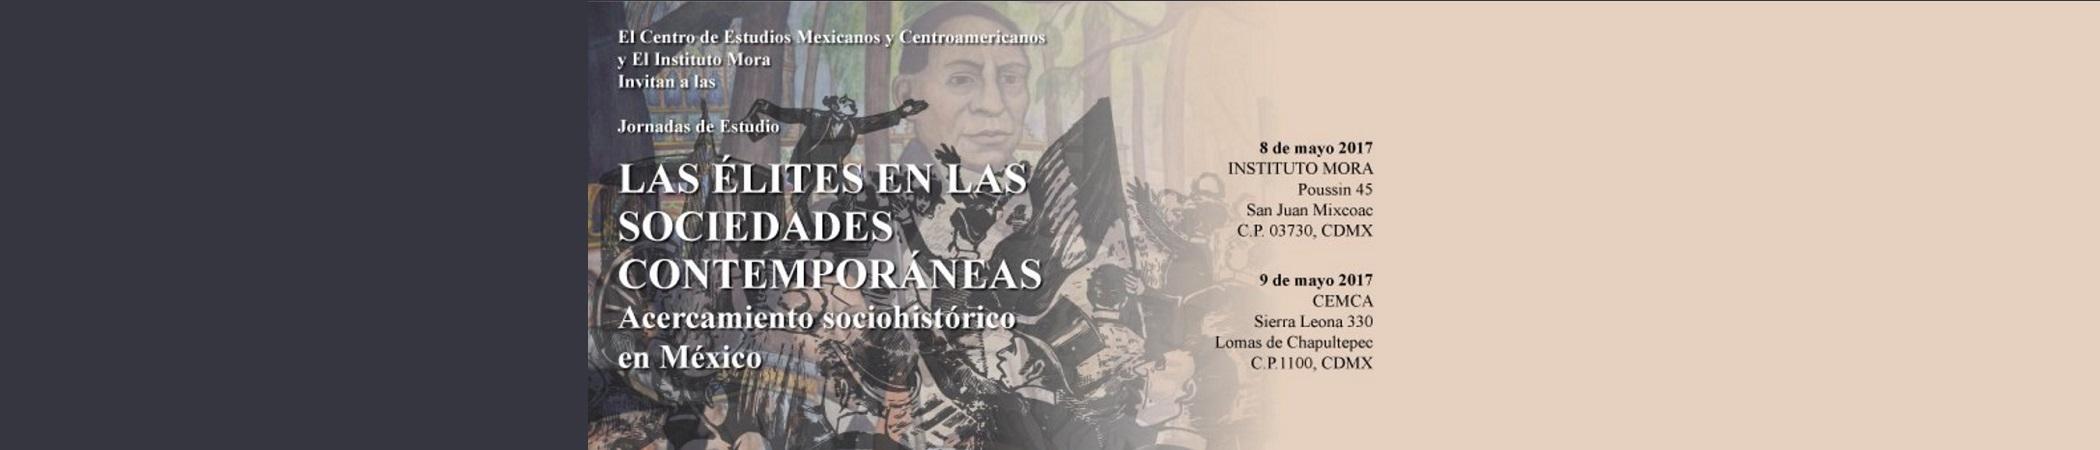 Jornadas de Estudio Las élites en las sociedades contemporáneas